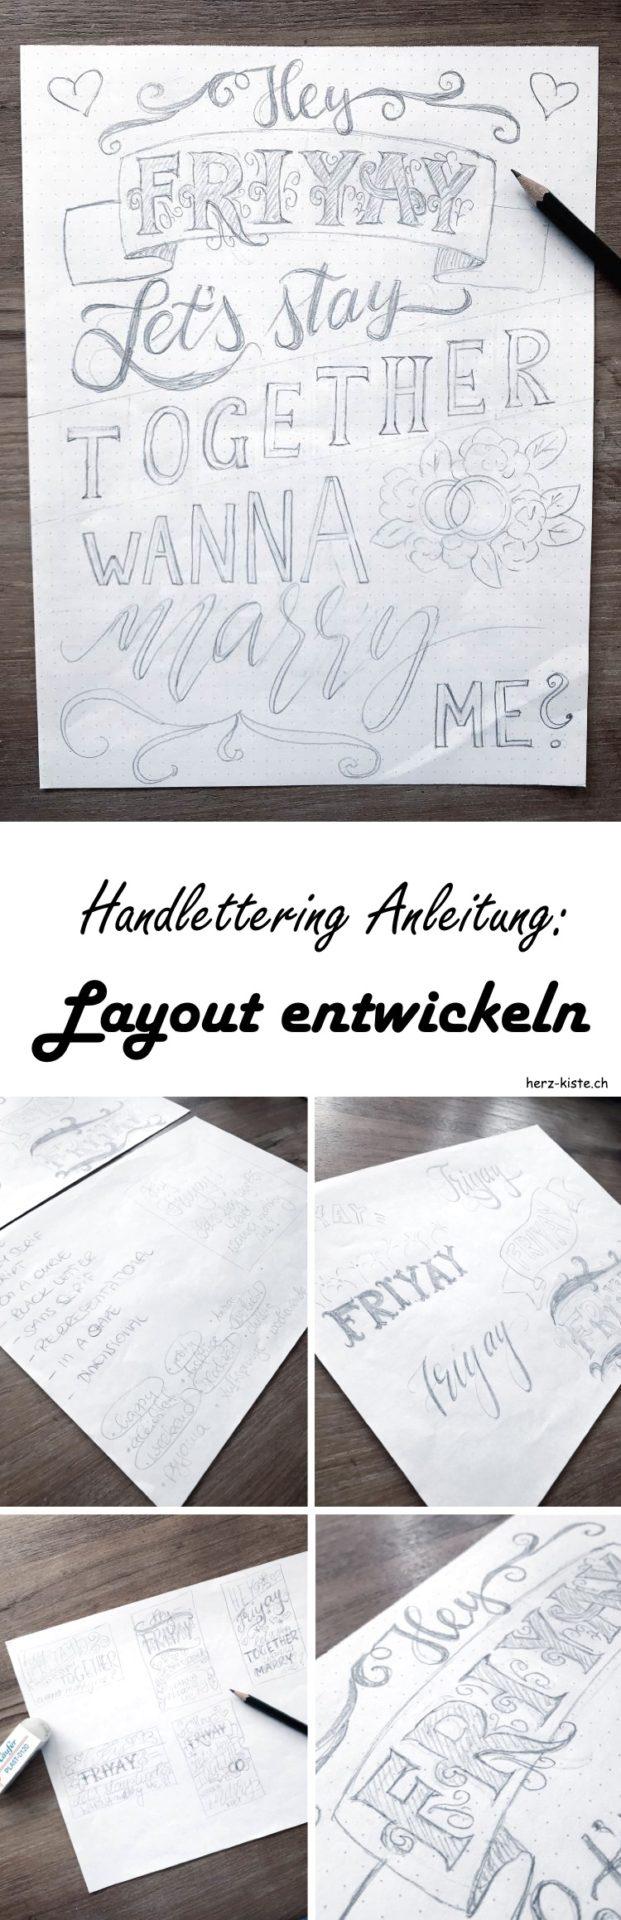 Handlettering Anleitung: So gestaltest und entwickelst du ganz einfach ein layout / eine Komposition für einen Lettering Spruch